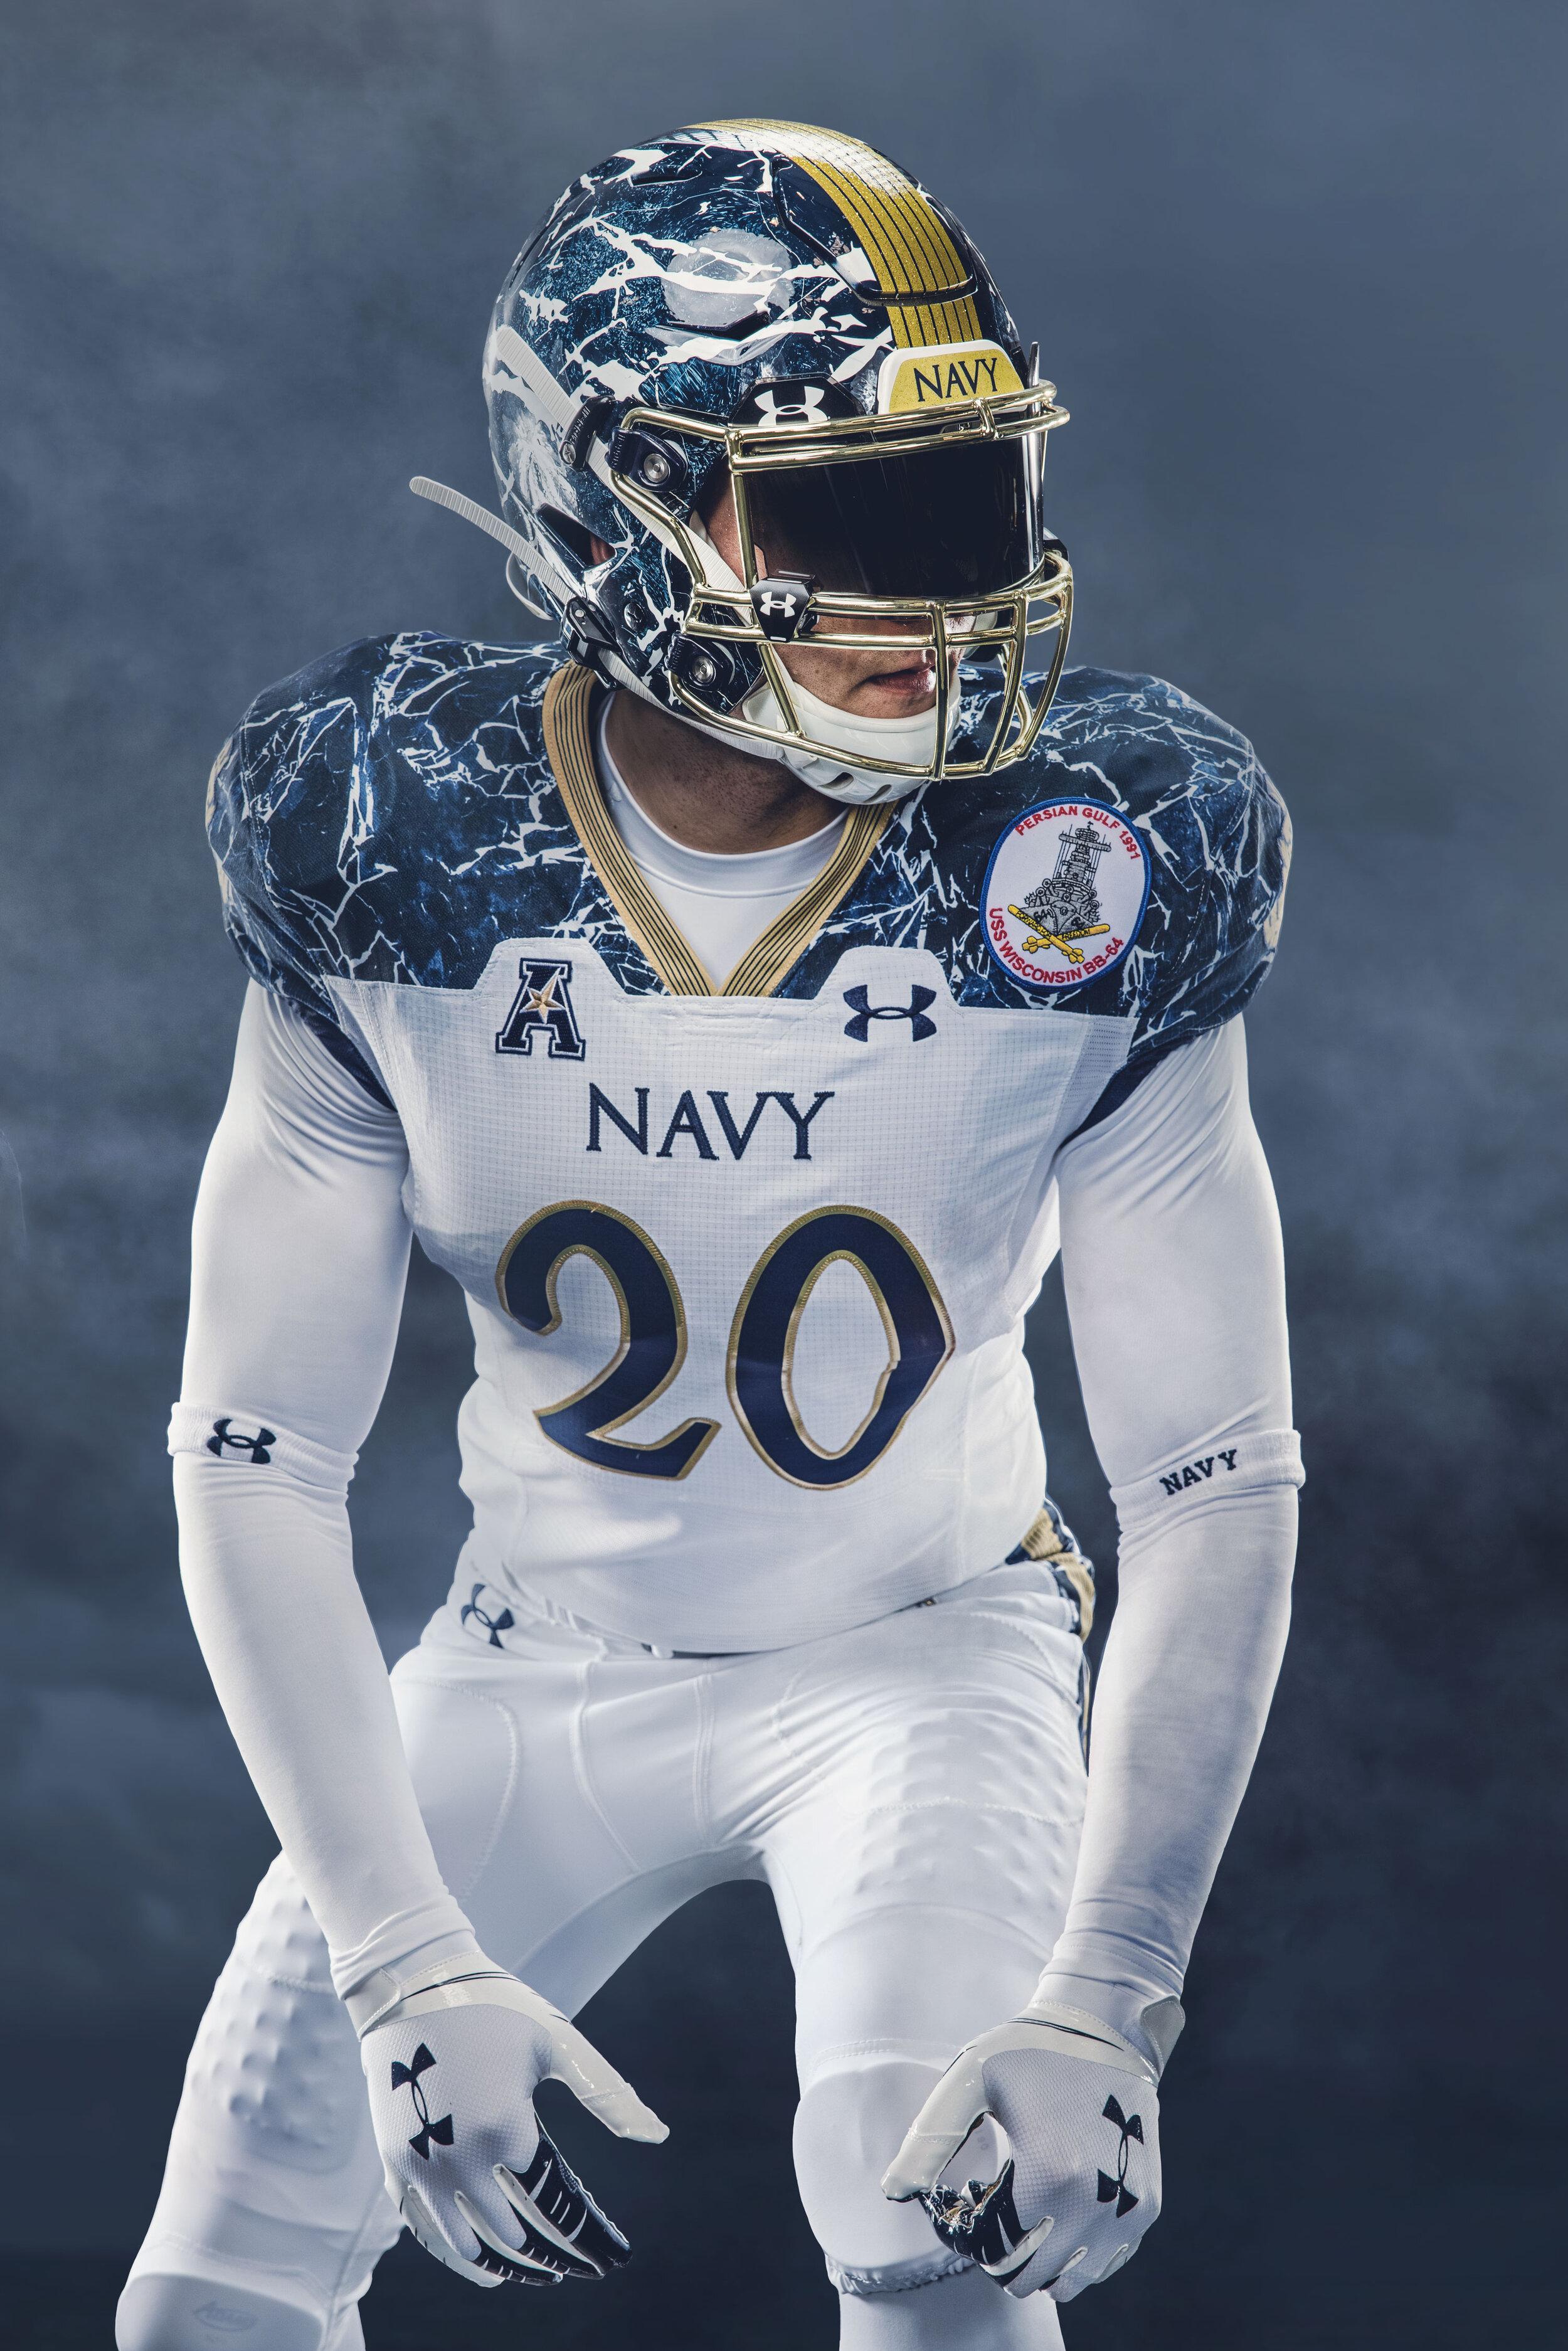 2020 Navy's Army-Navy Game Uniform — UNISWAG